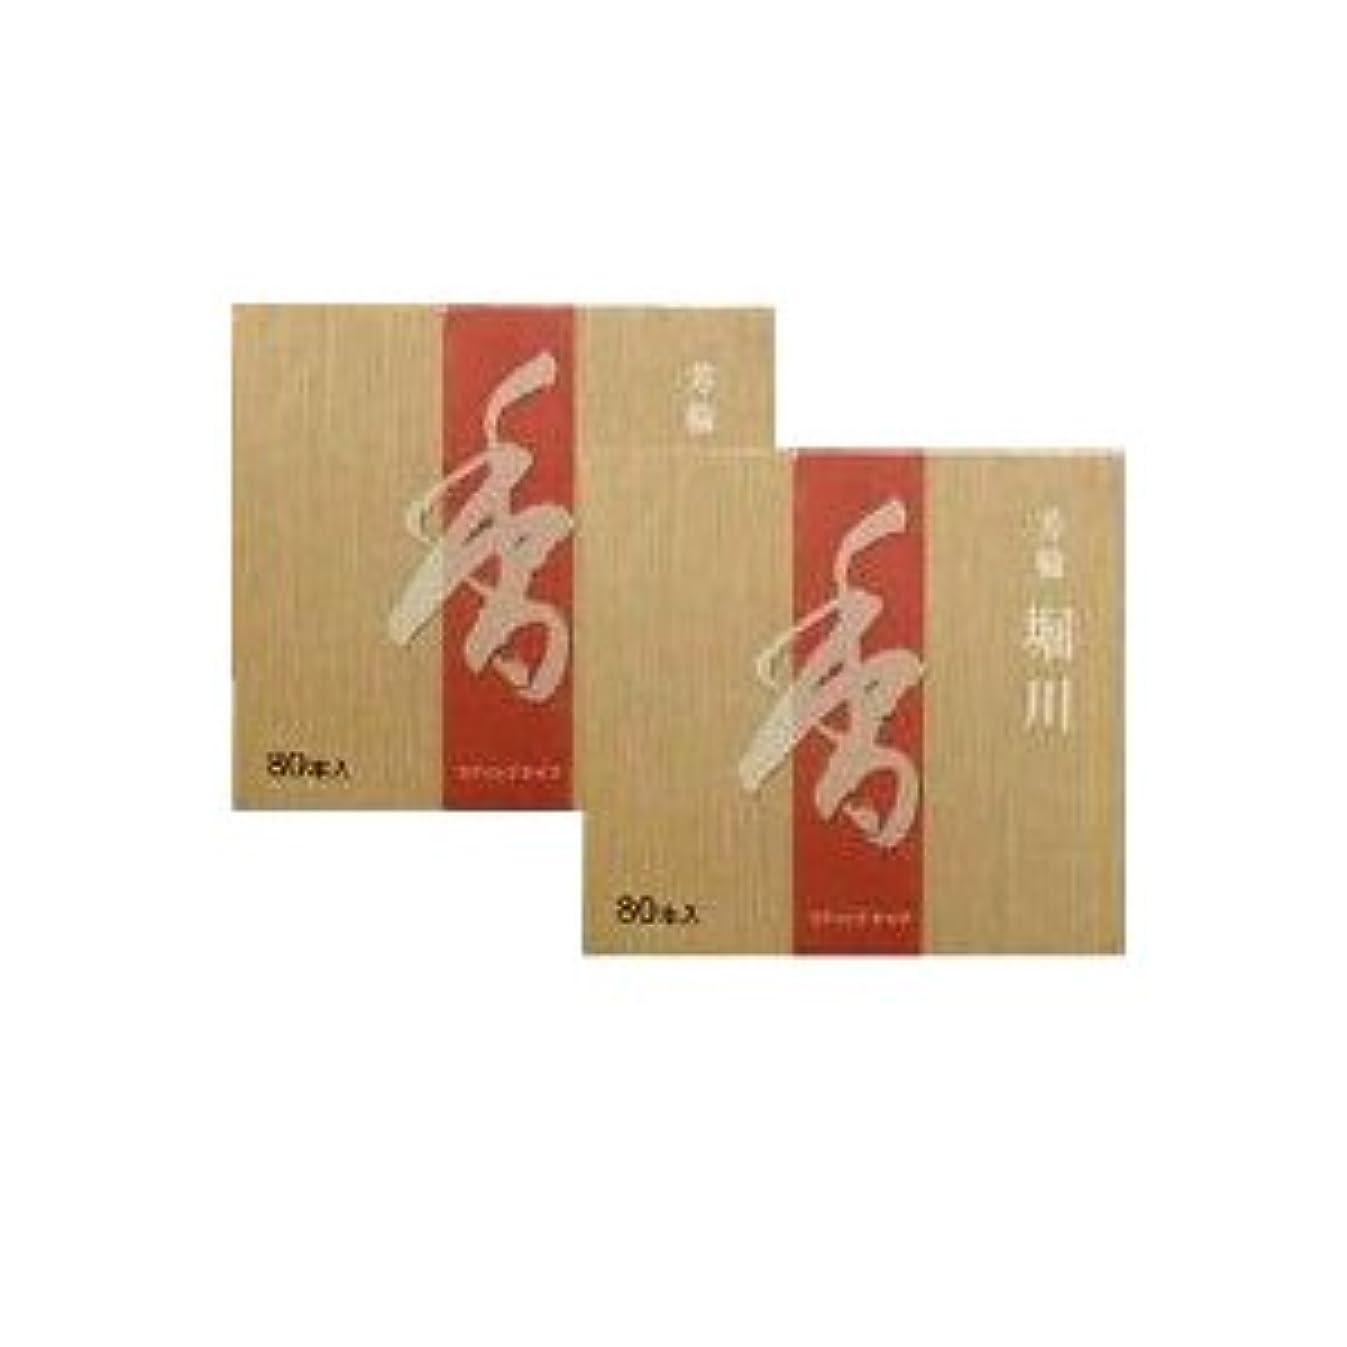 長いですスリルコードレス松栄堂 芳輪 堀川 スティック80本入 2箱セット